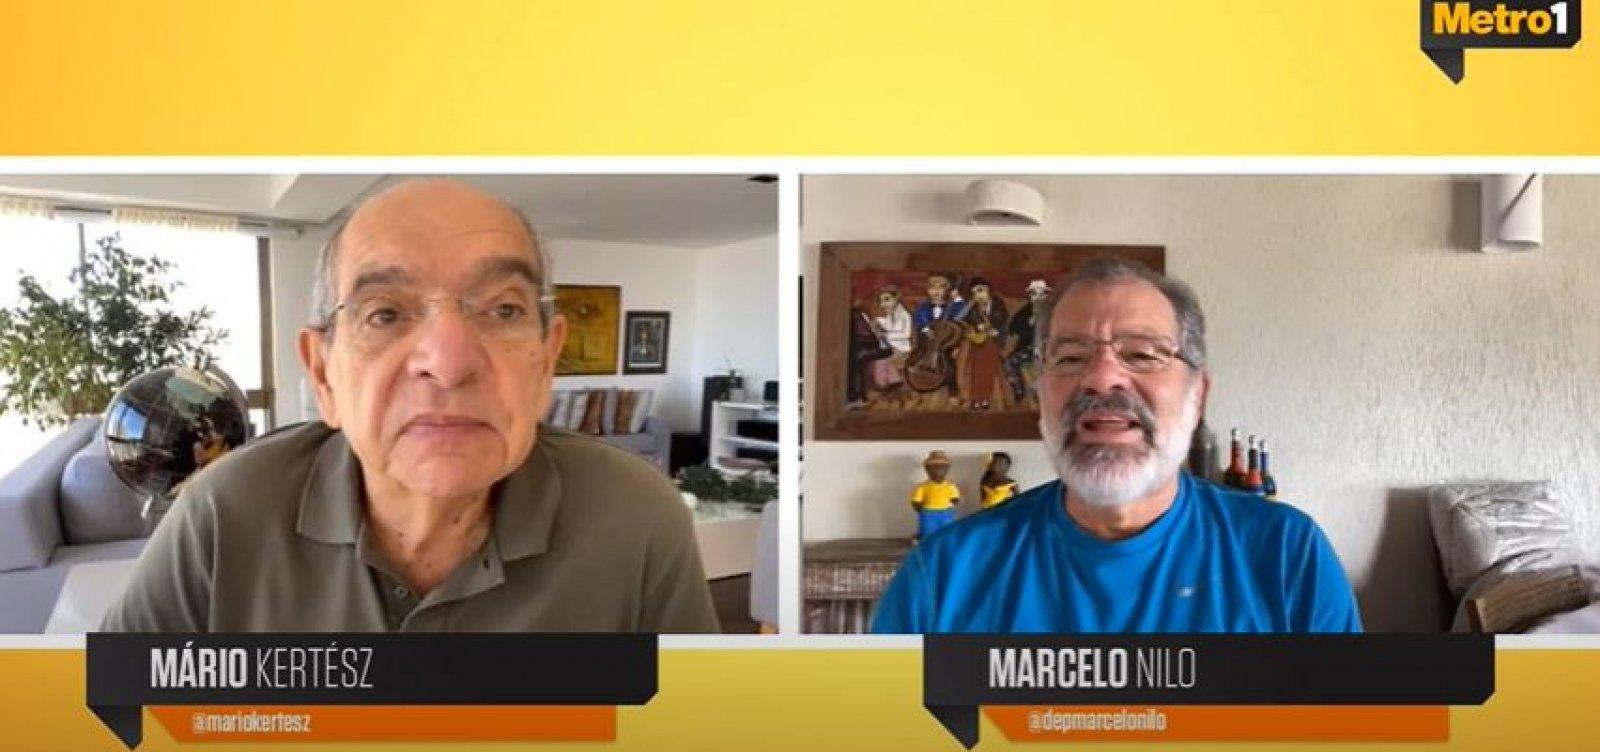 [Nilo diz que Bolsonaro tenta ser um 'ditador': 'Ele quer um golpe, mas não tem força']